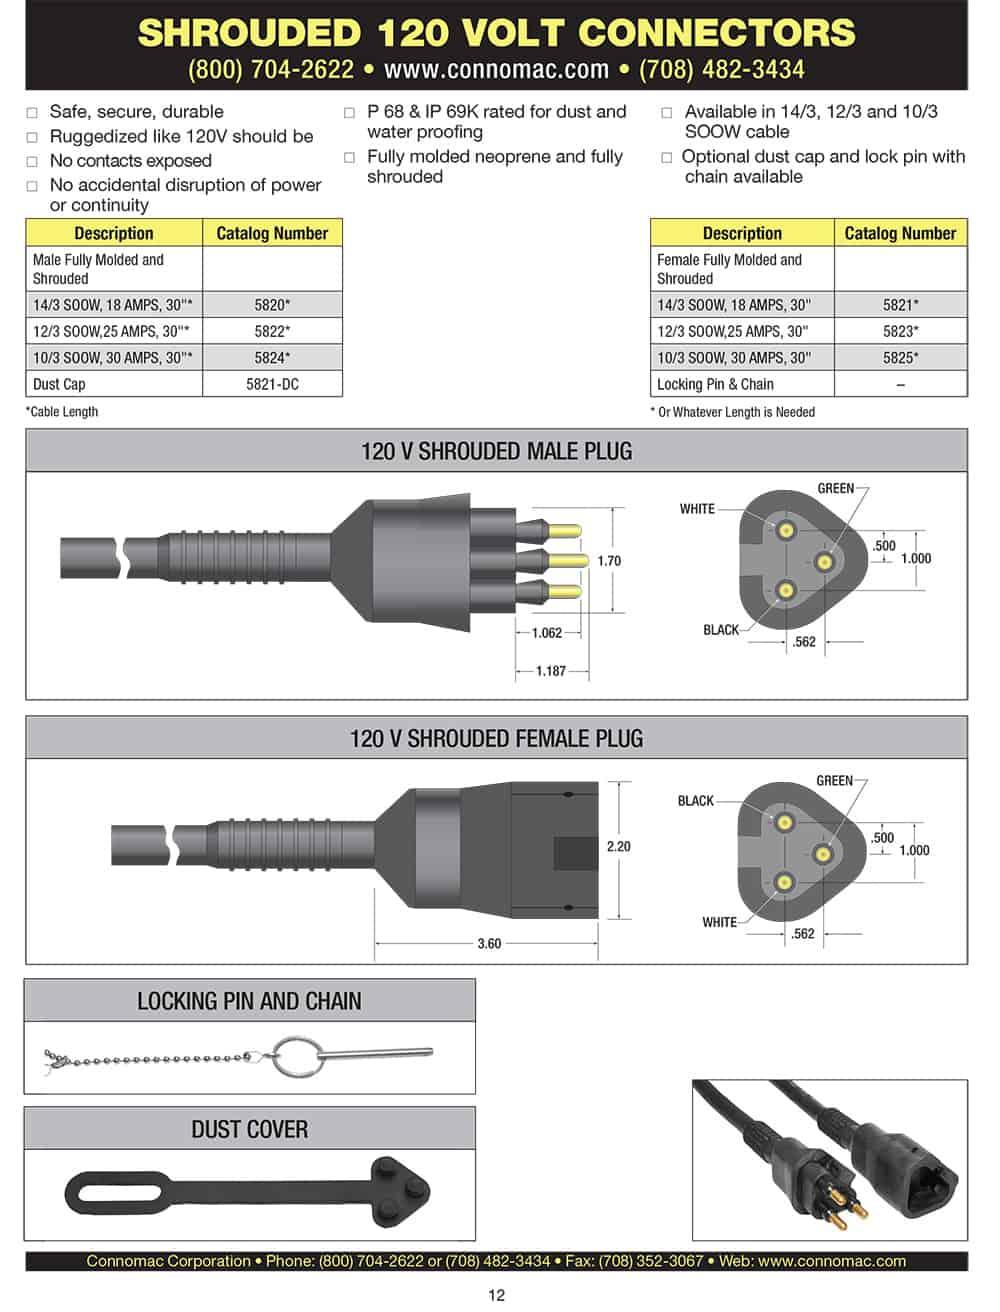 shrouded connectors spec sheet